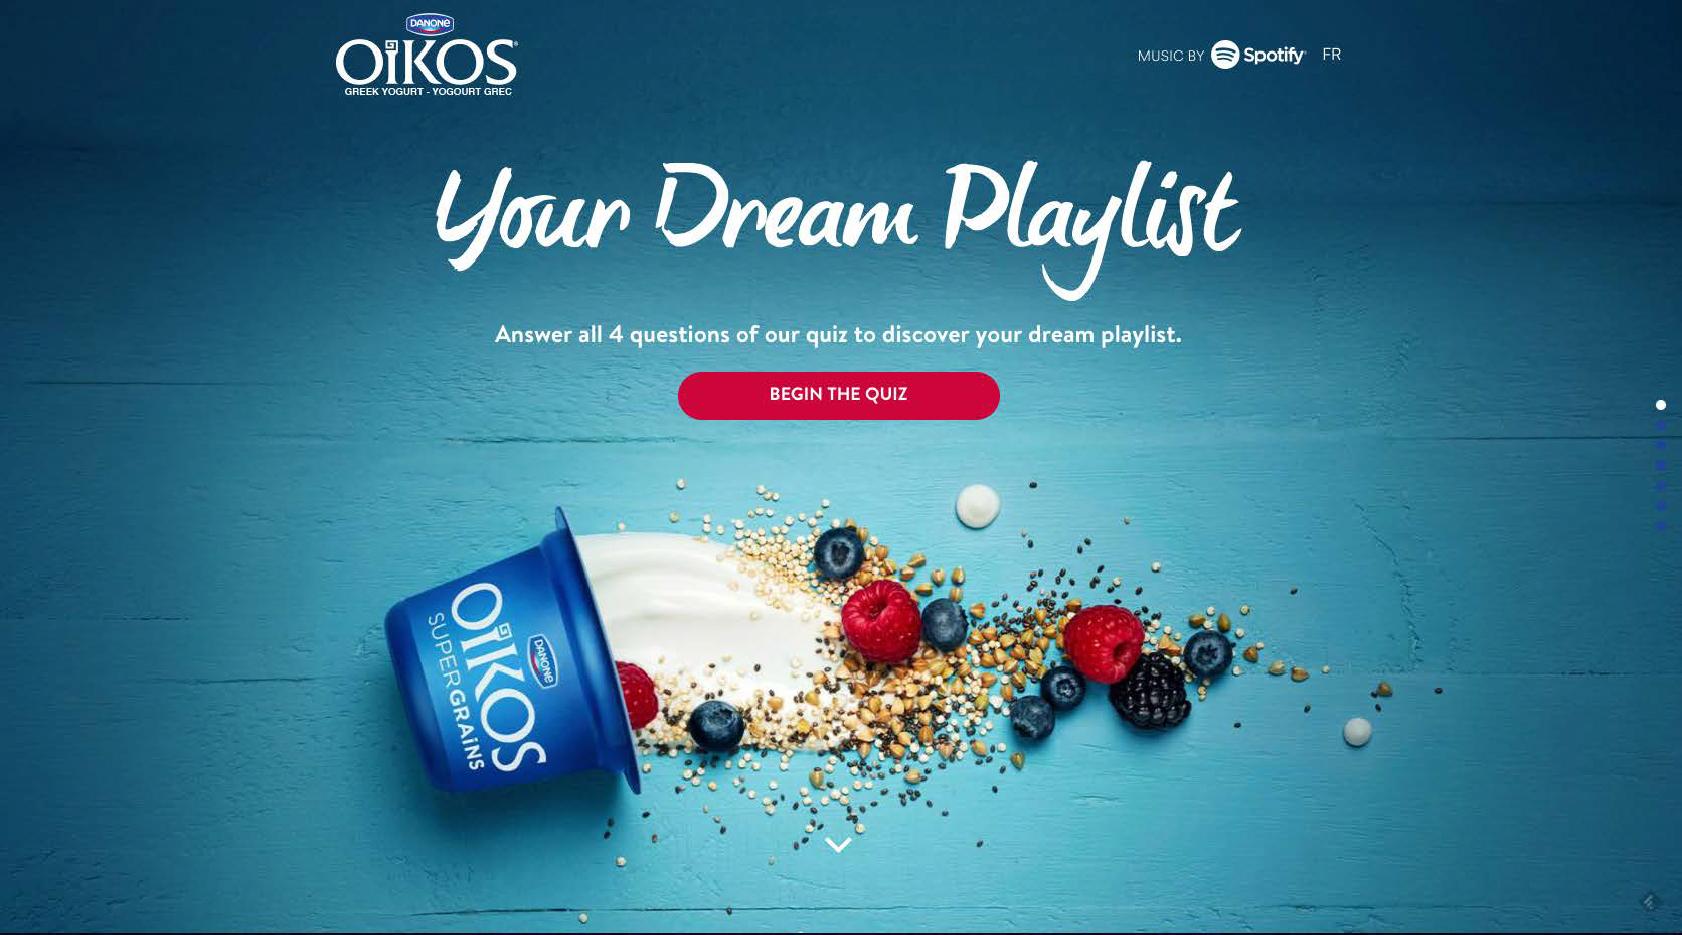 53827_Oikos_SuperGrains_Spotify-Microsite-01